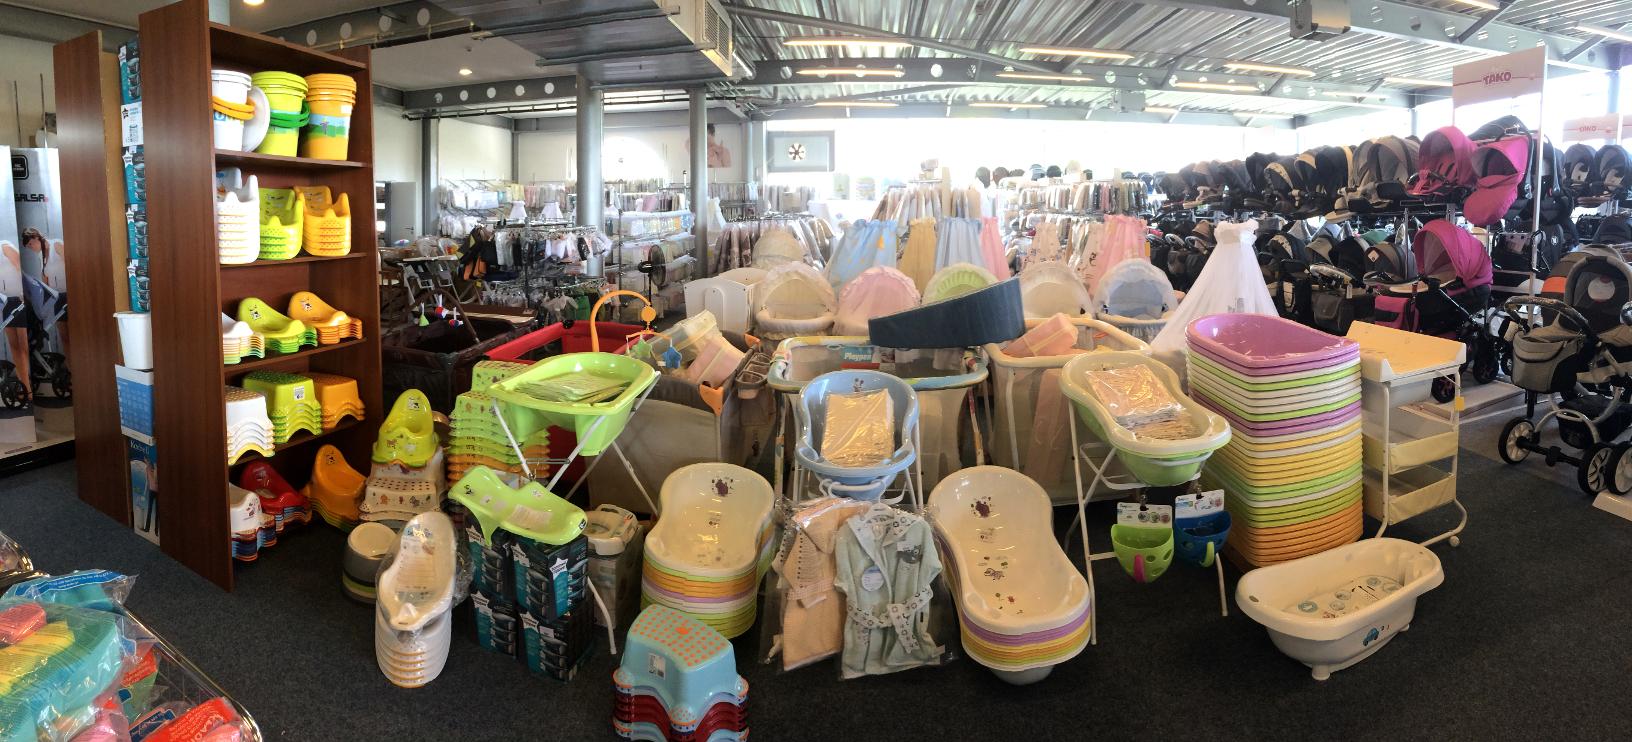 Babyplace - vaničky, nočníky, adaptéry na wc, proutěné koše